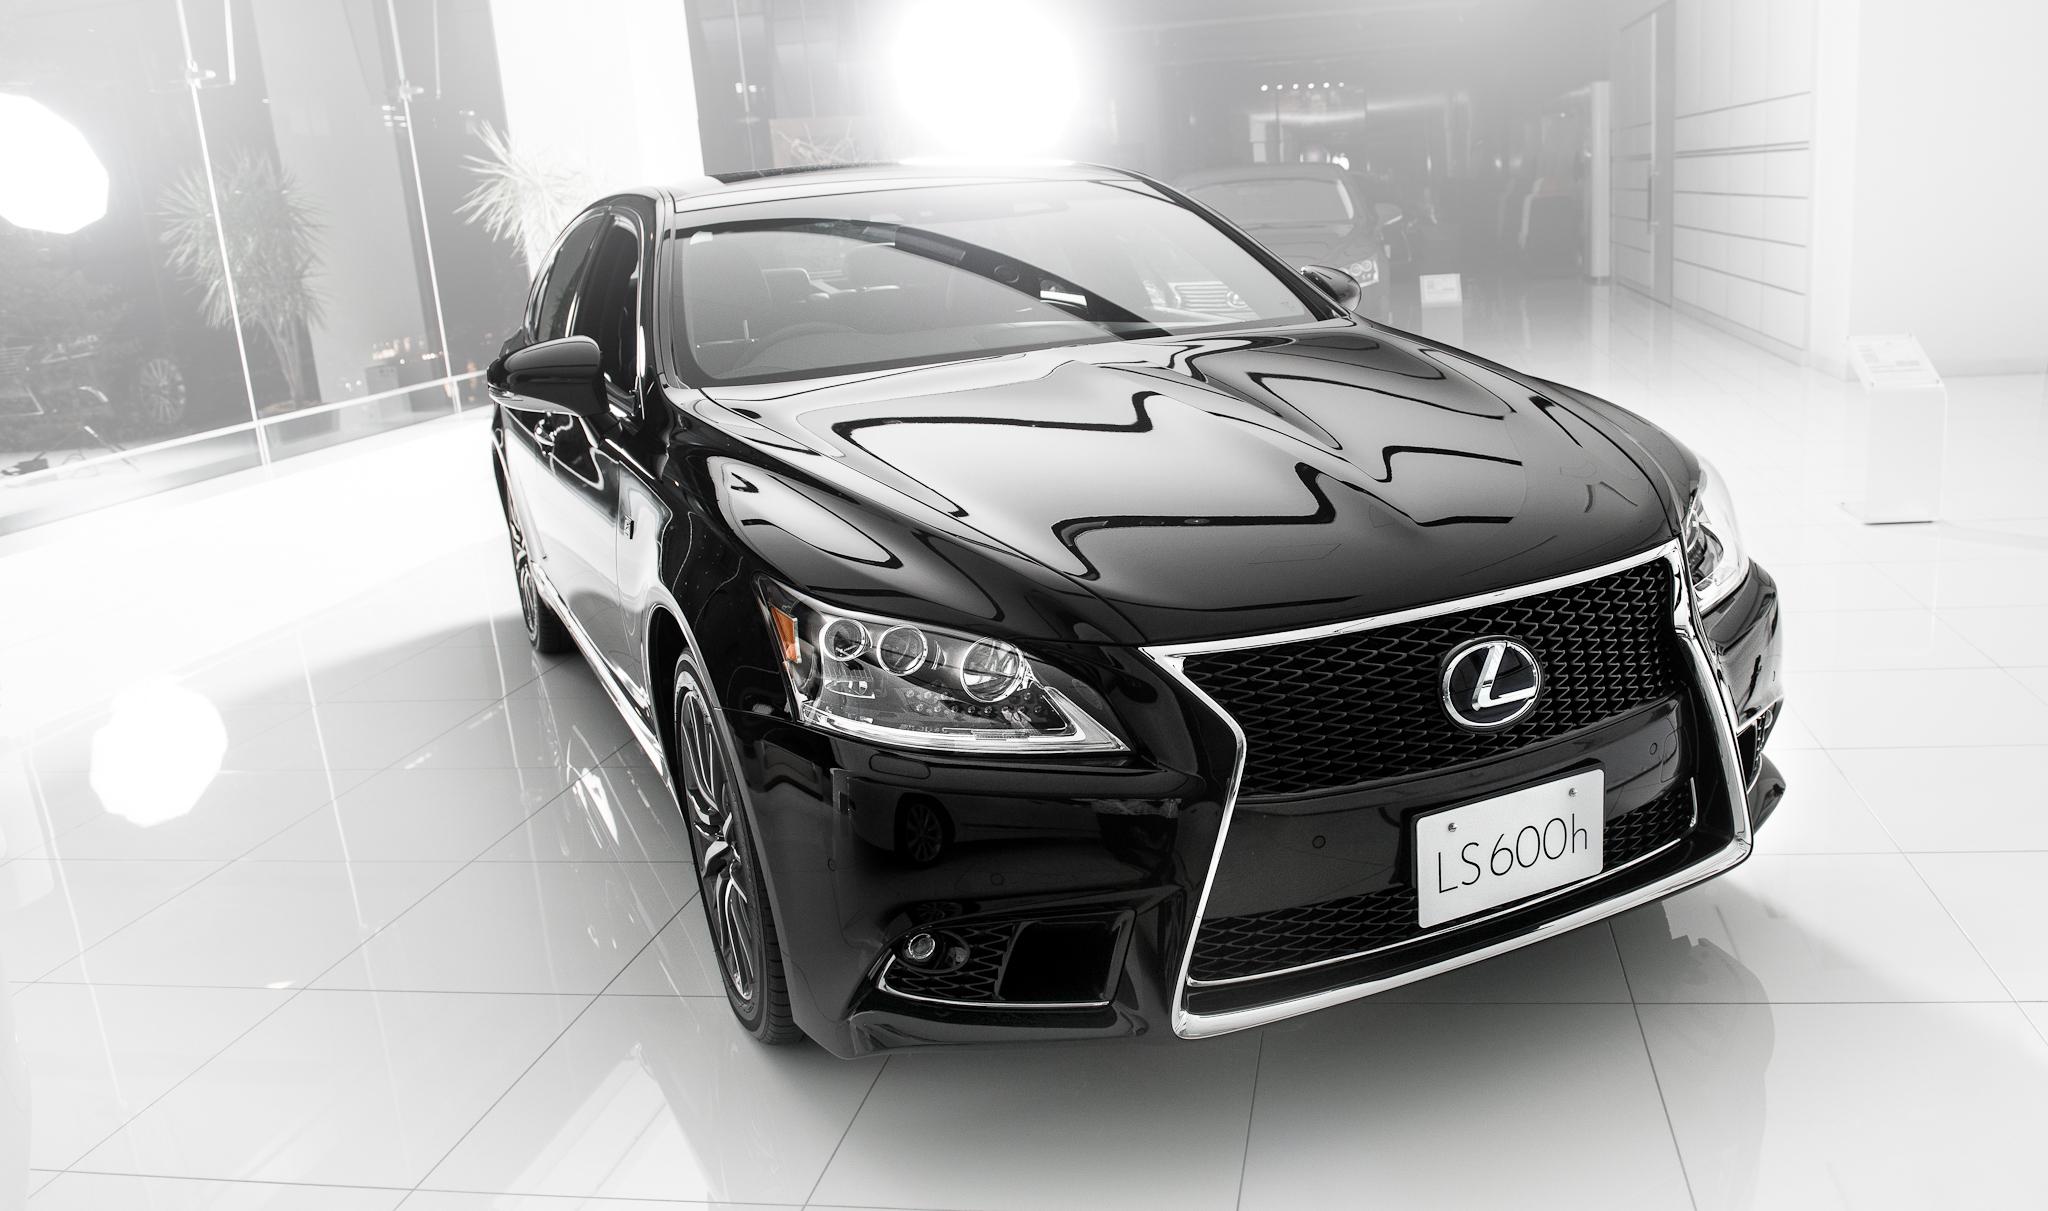 صور صور سيارة لكزس , اجمل انواع السيارات اليابانية